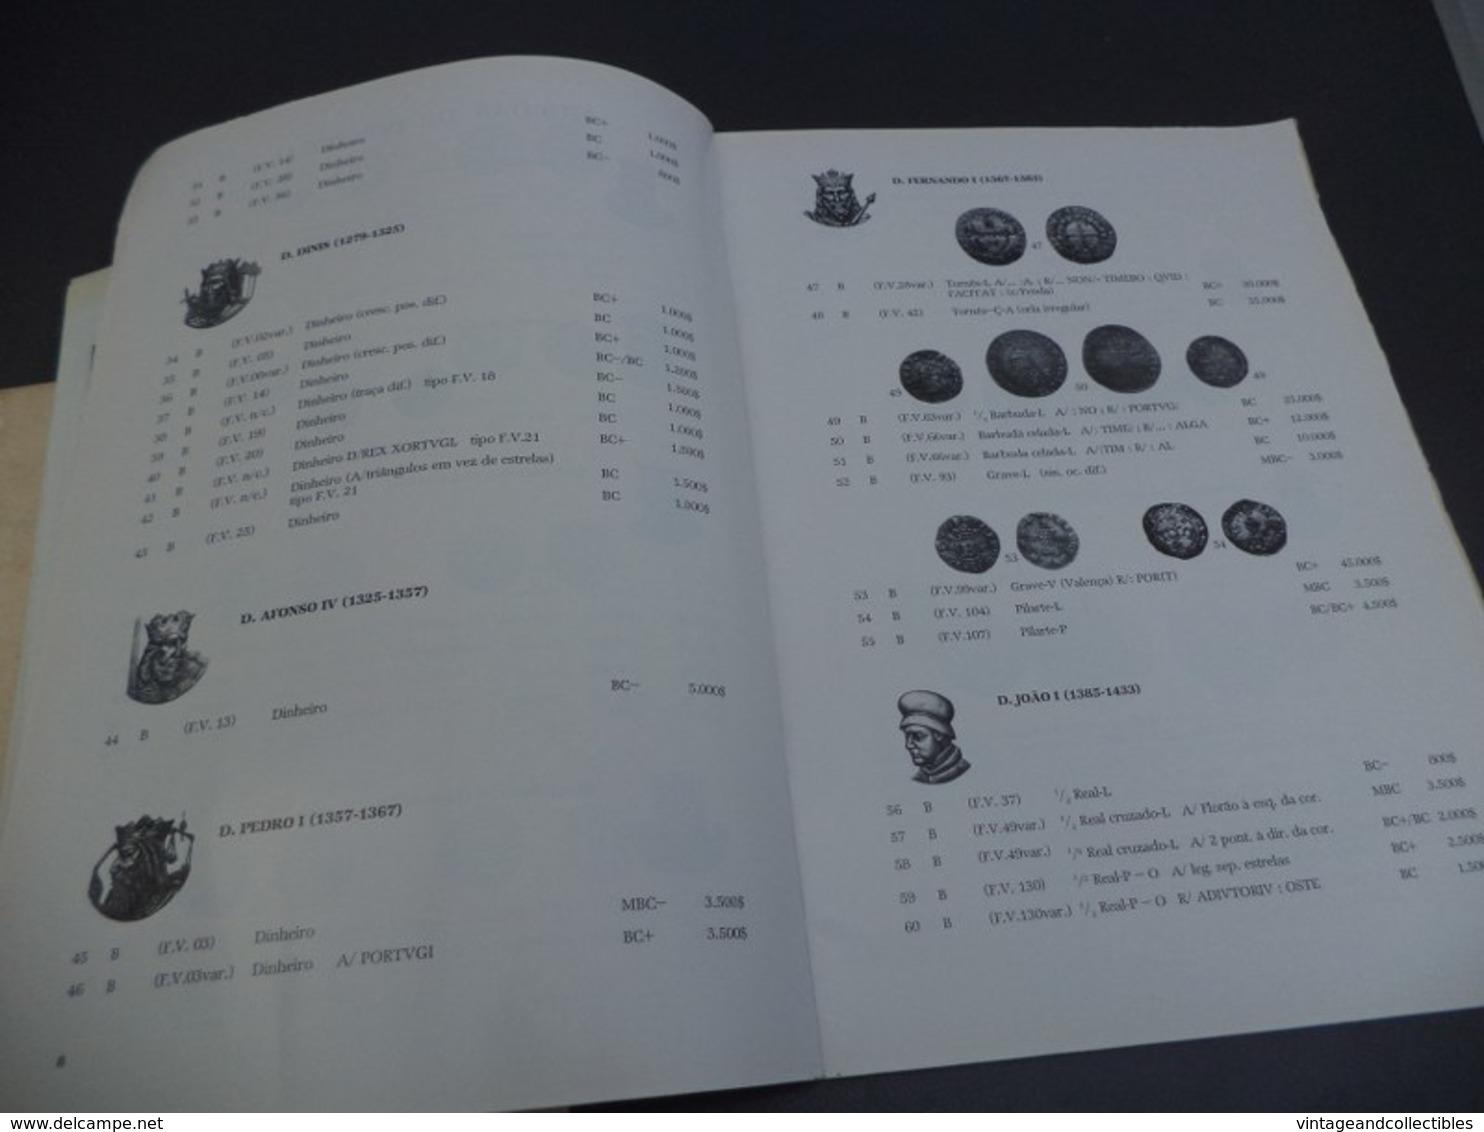 SOCIEDADE PORTUGUESA DE NUMISMÁTICA -1ª PERMUTA POR PRESENÇA/CORRESPONDENCIA - 1987 - Bücher, Zeitschriften, Comics